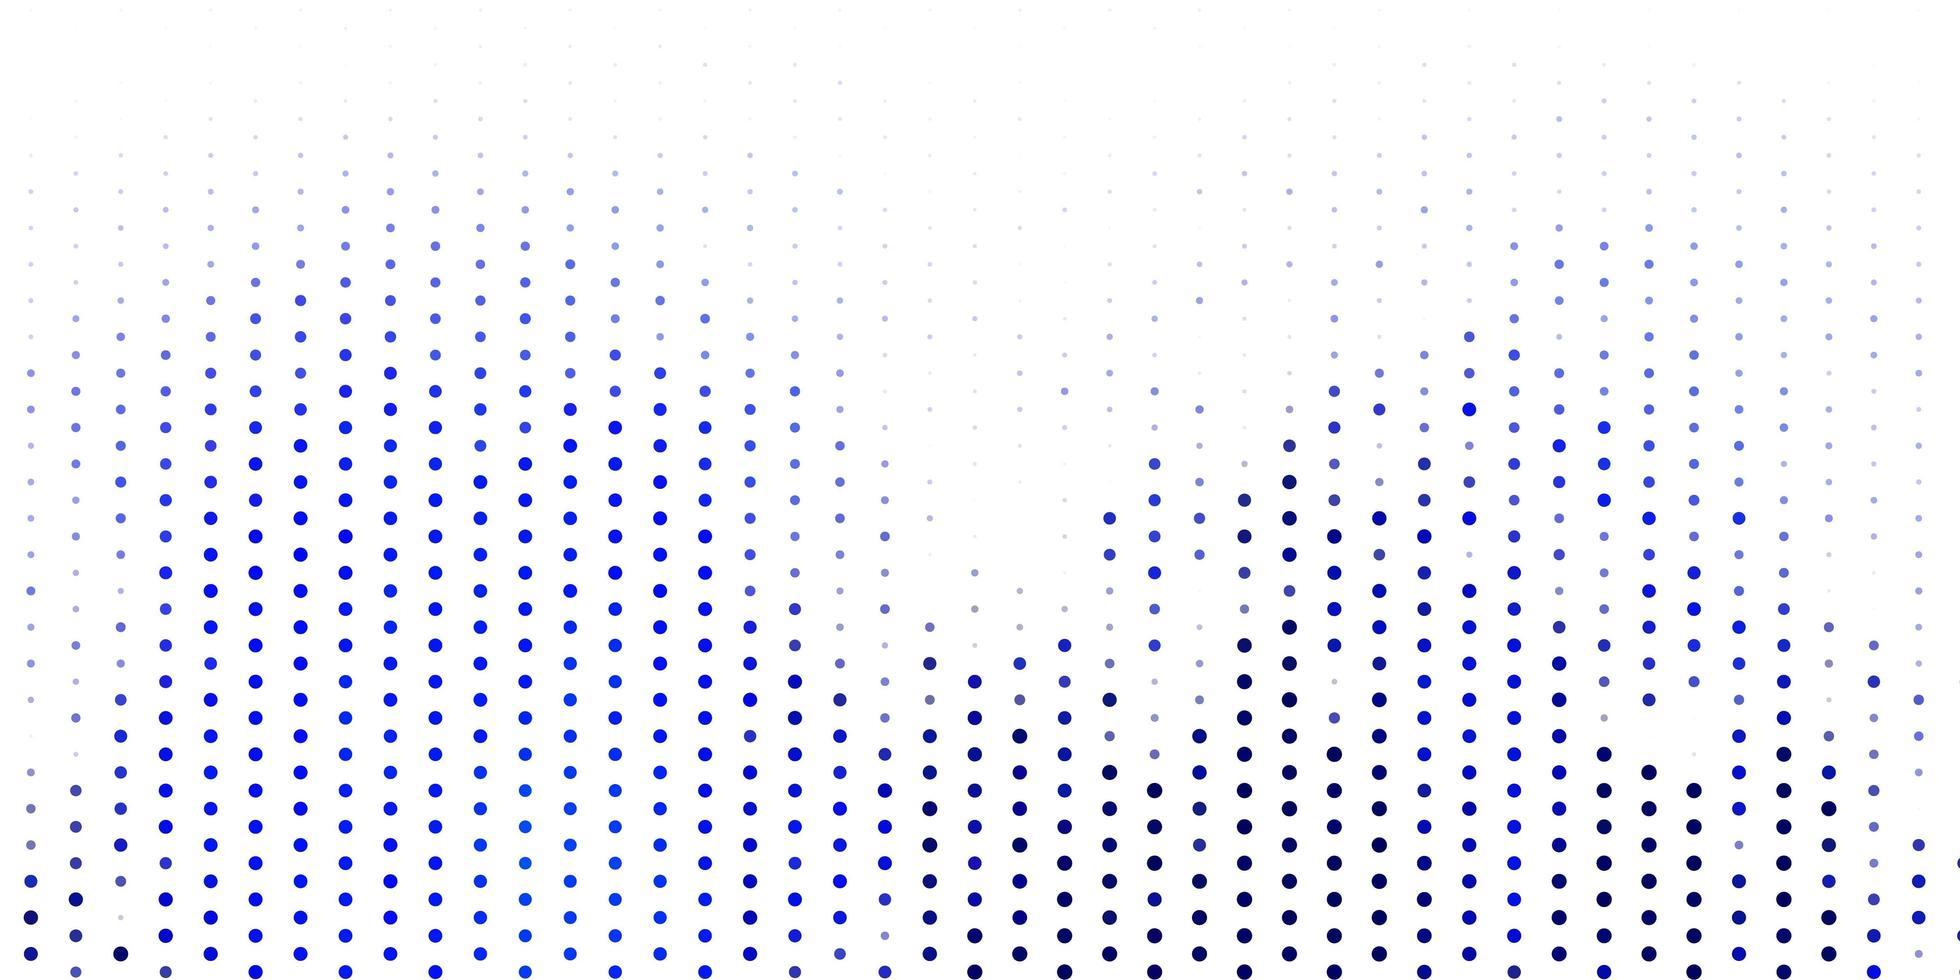 ljusblå vektorlayout med cirkelformer. vektor